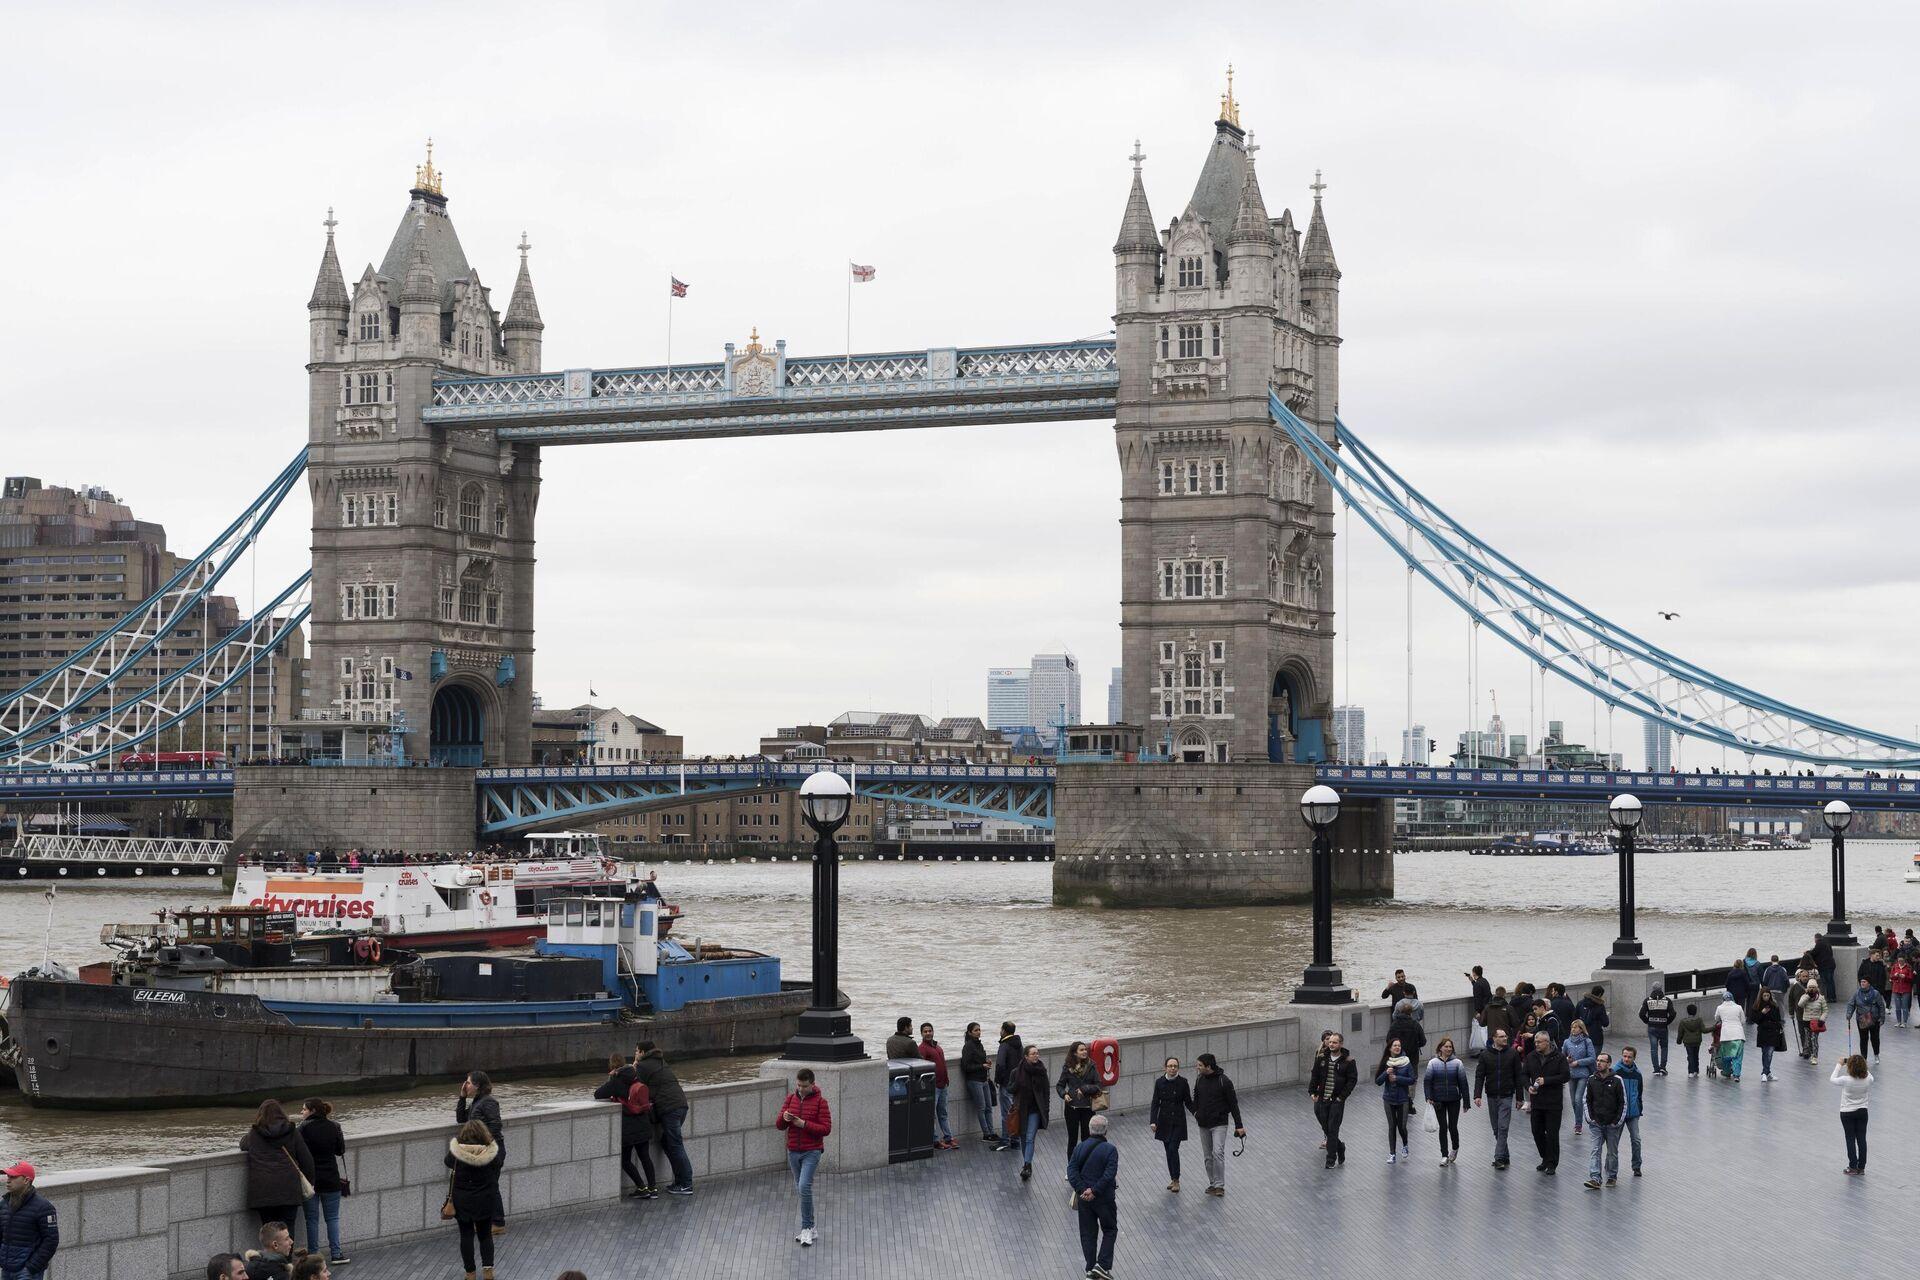 Тауэрский мост над рекой Темзой в Лондоне - РИА Новости, 1920, 18.10.2020